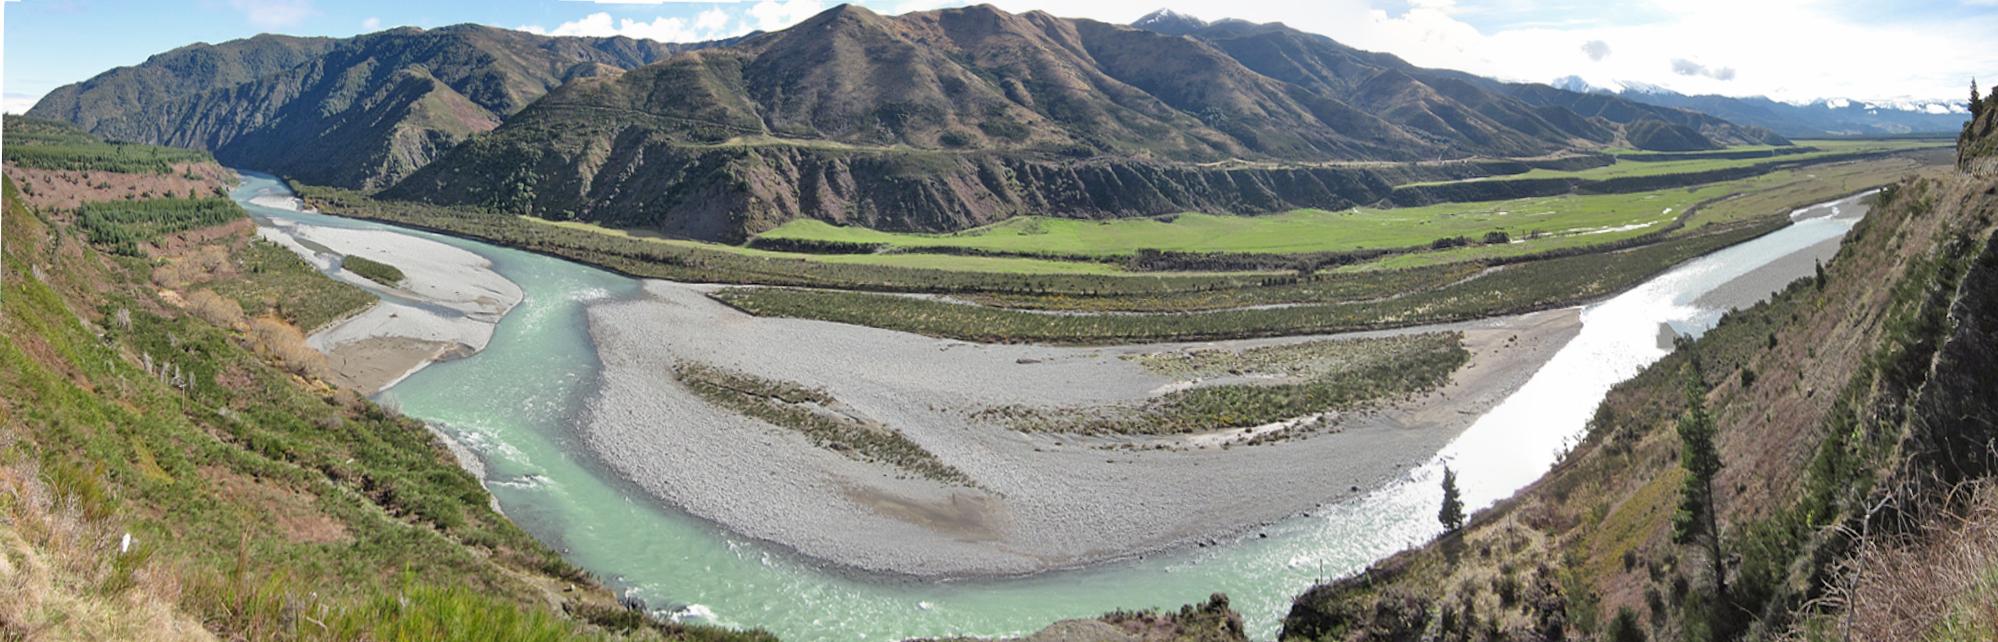 terrazas fluviales r o waiau nueva zelanda 01